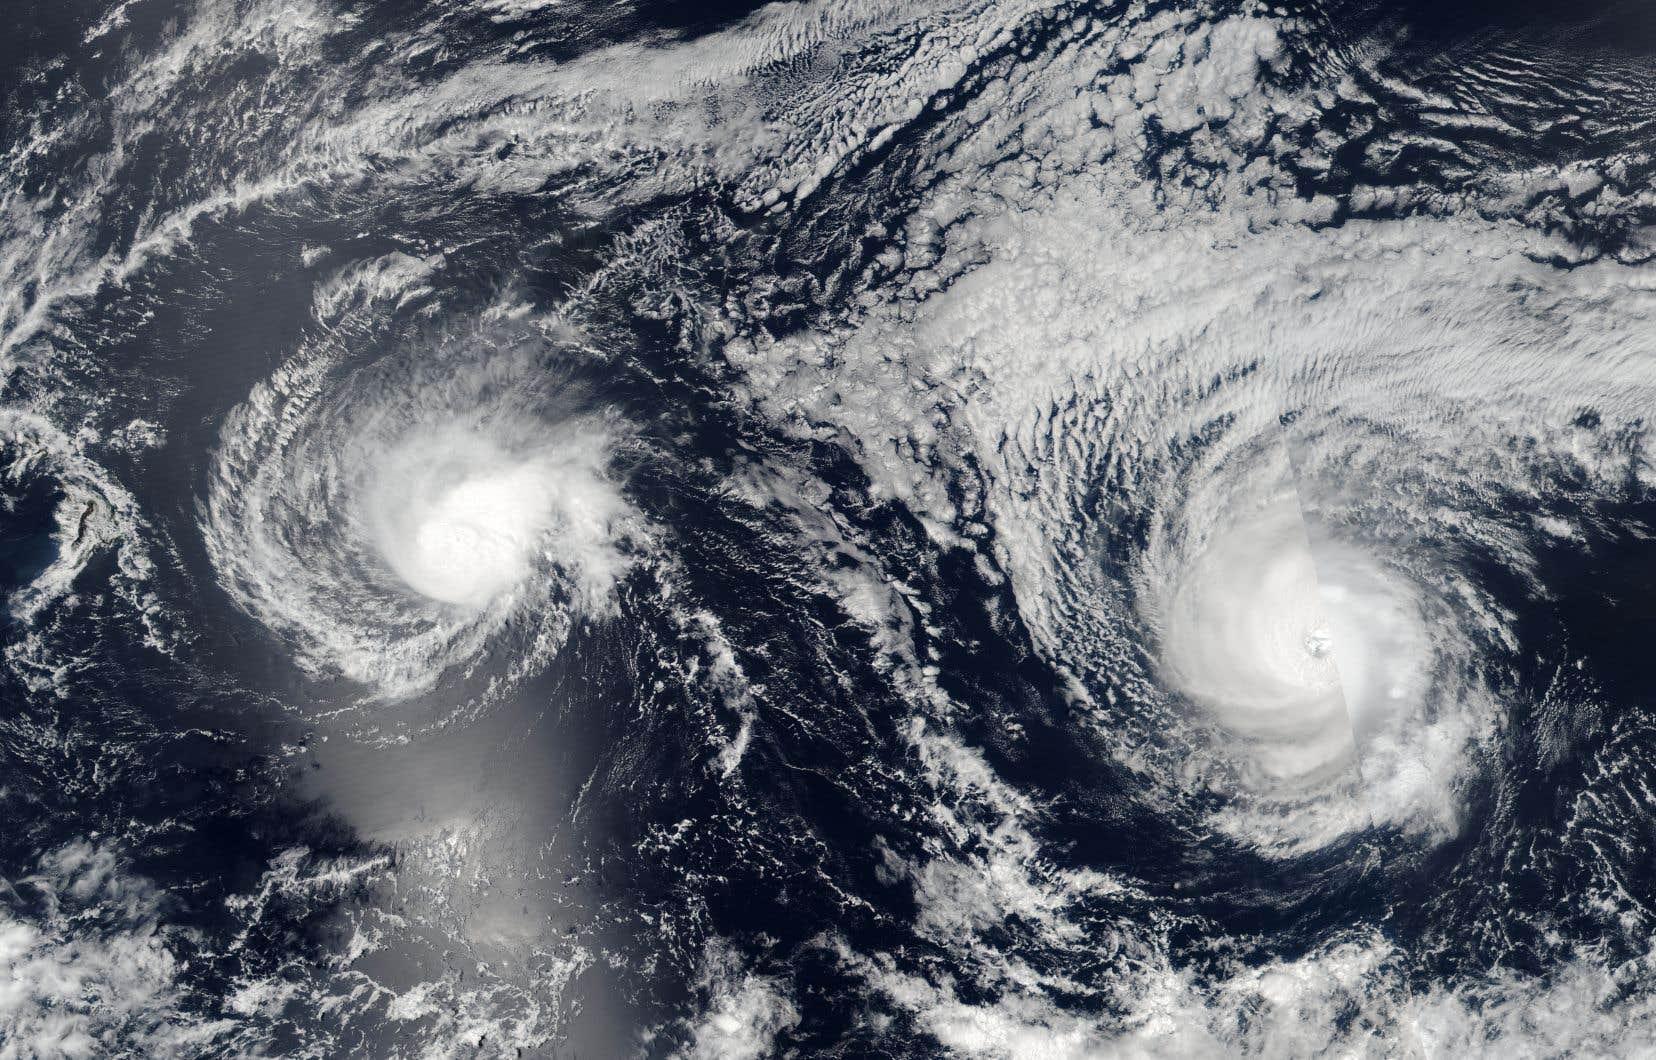 Une image prise par les satellites de la NASA montre l'ouragan «Lane», qui se dirige sur l'archipel américain d'Hawaï.